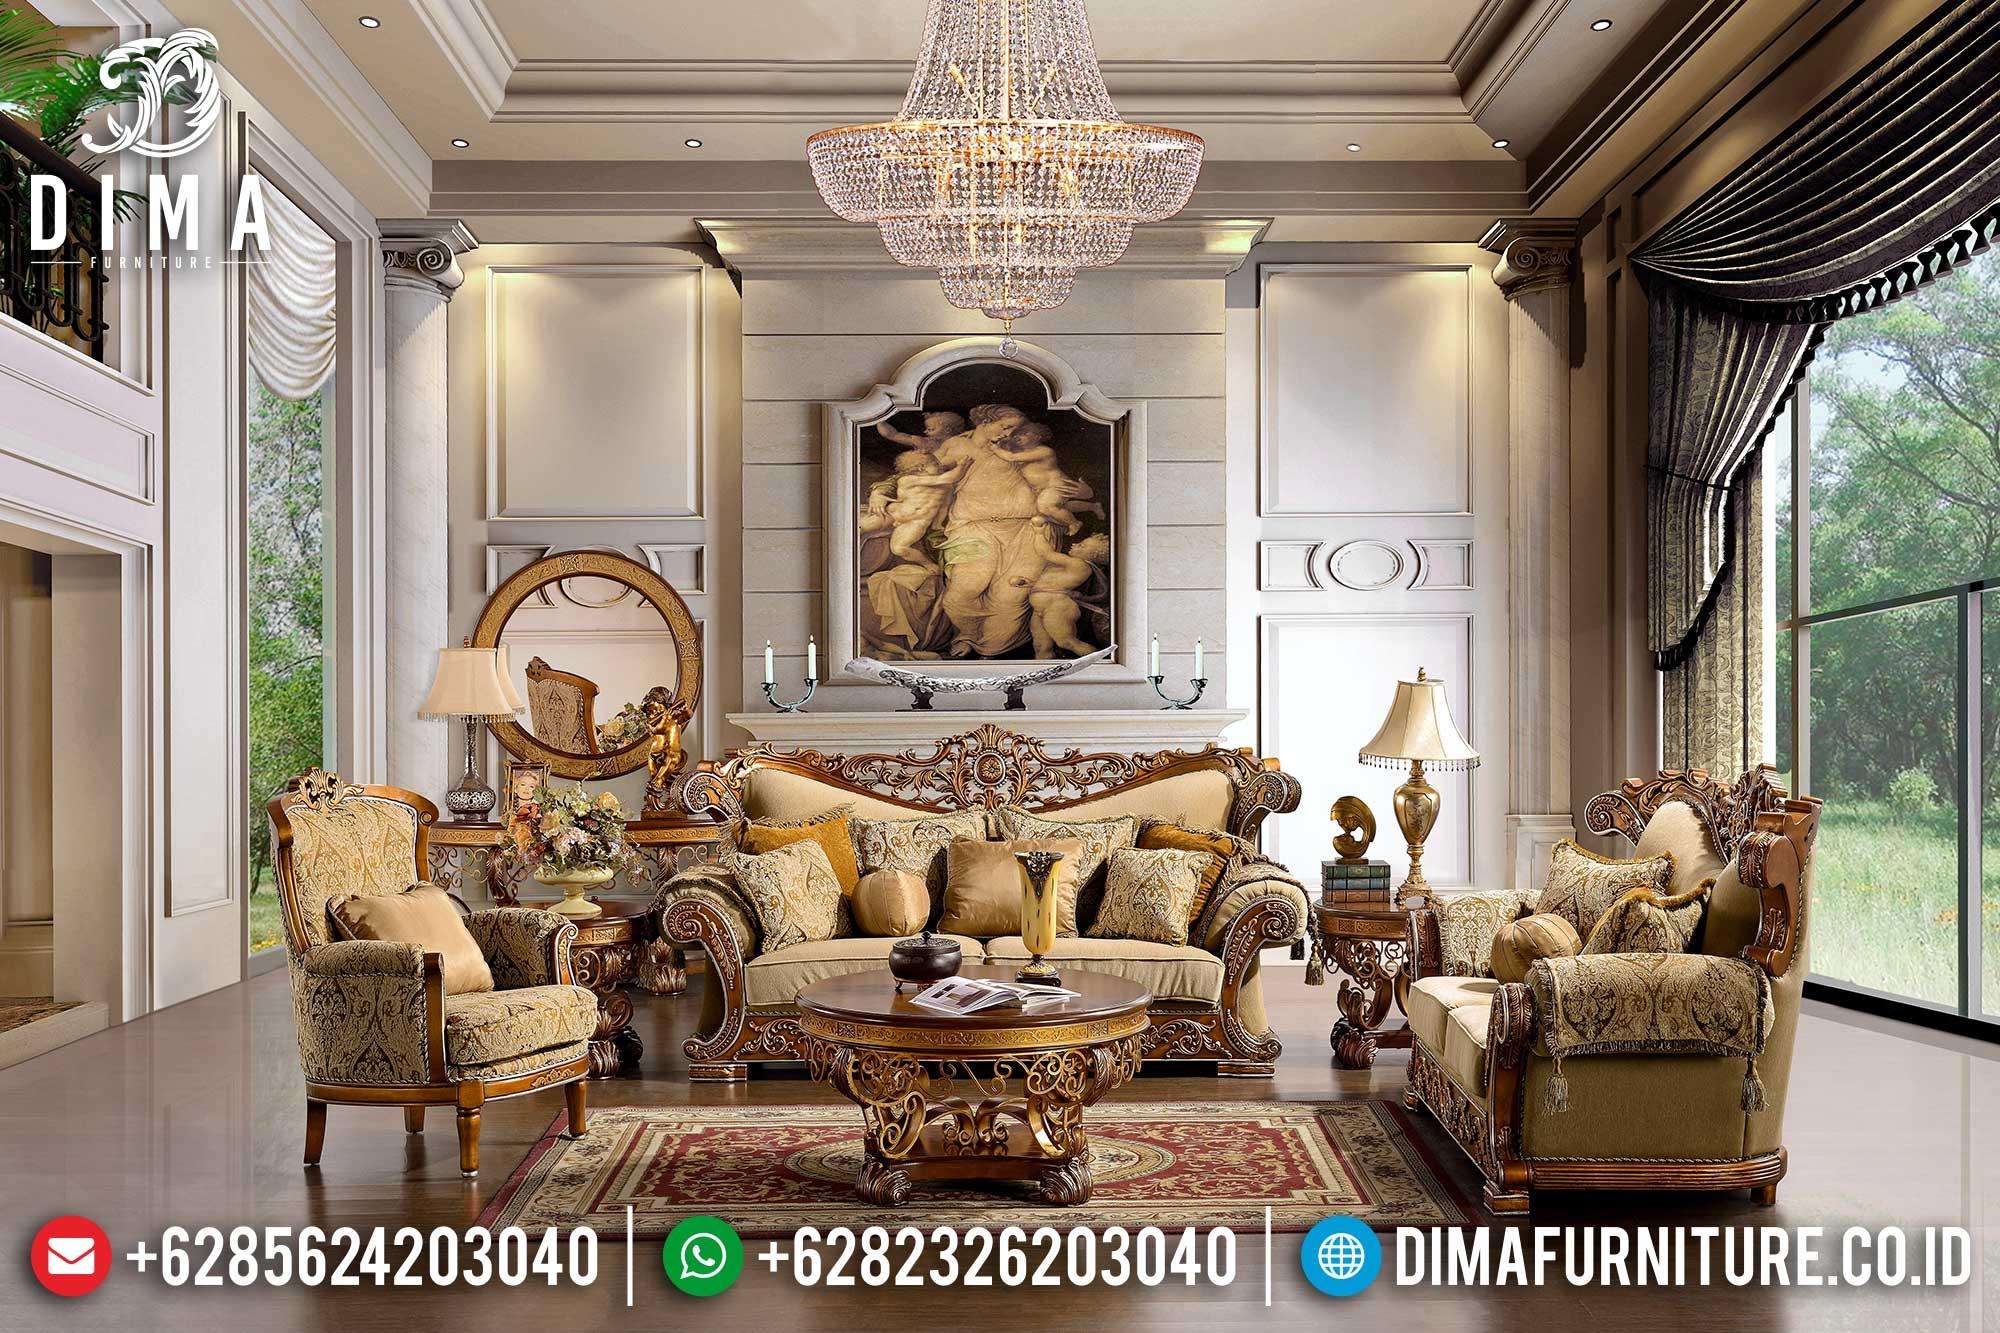 Sofa Tamu Jepara Mewah Minimalis Terbaru 20 Dima Furniture Jepara